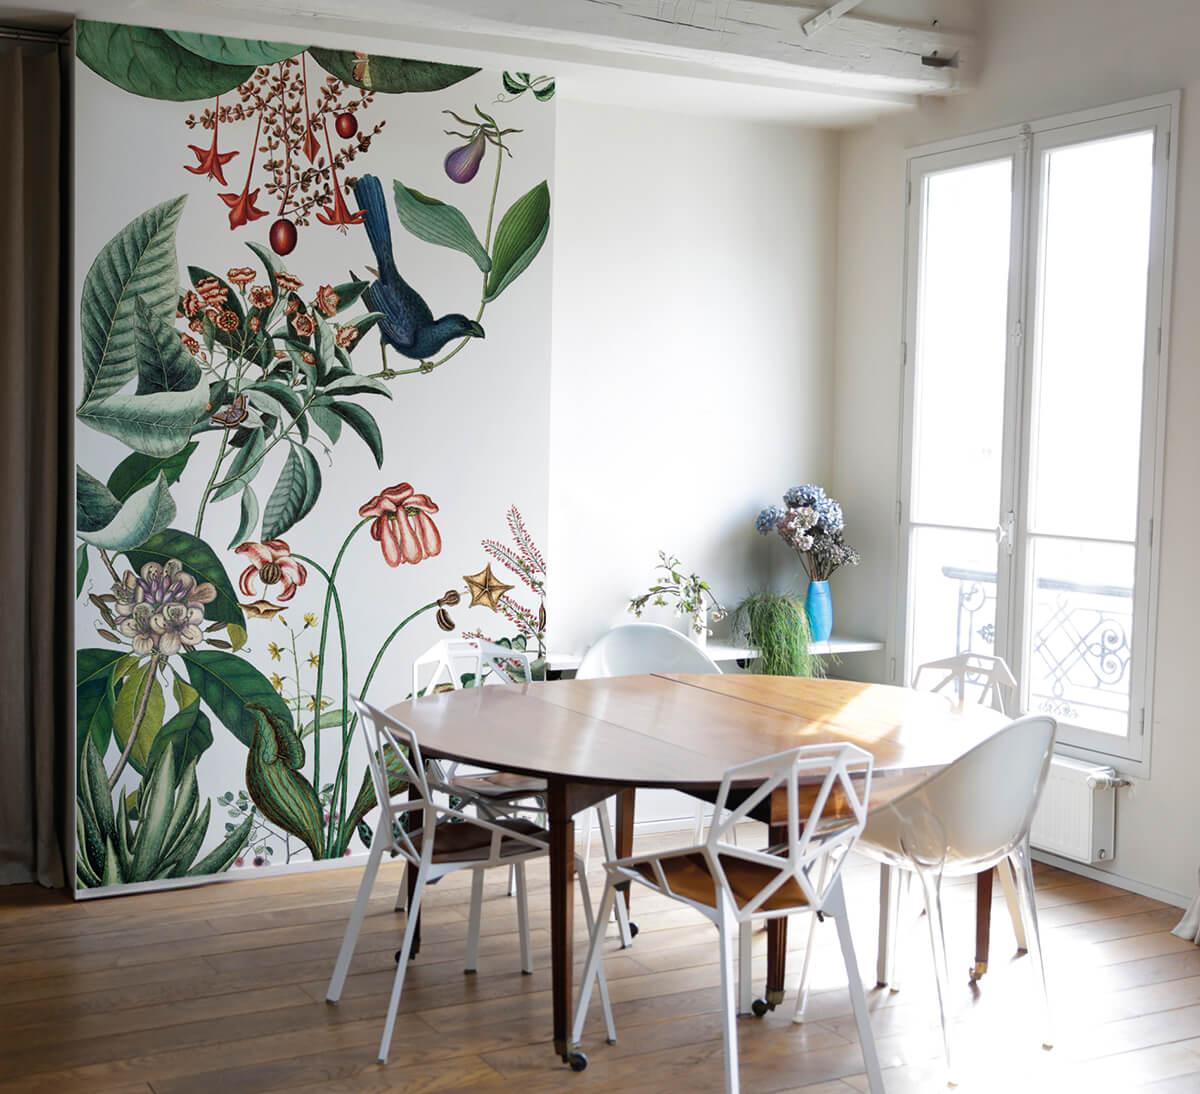 Bahamas Le Nouveau Papier Peint Floral Sign Bien Fait